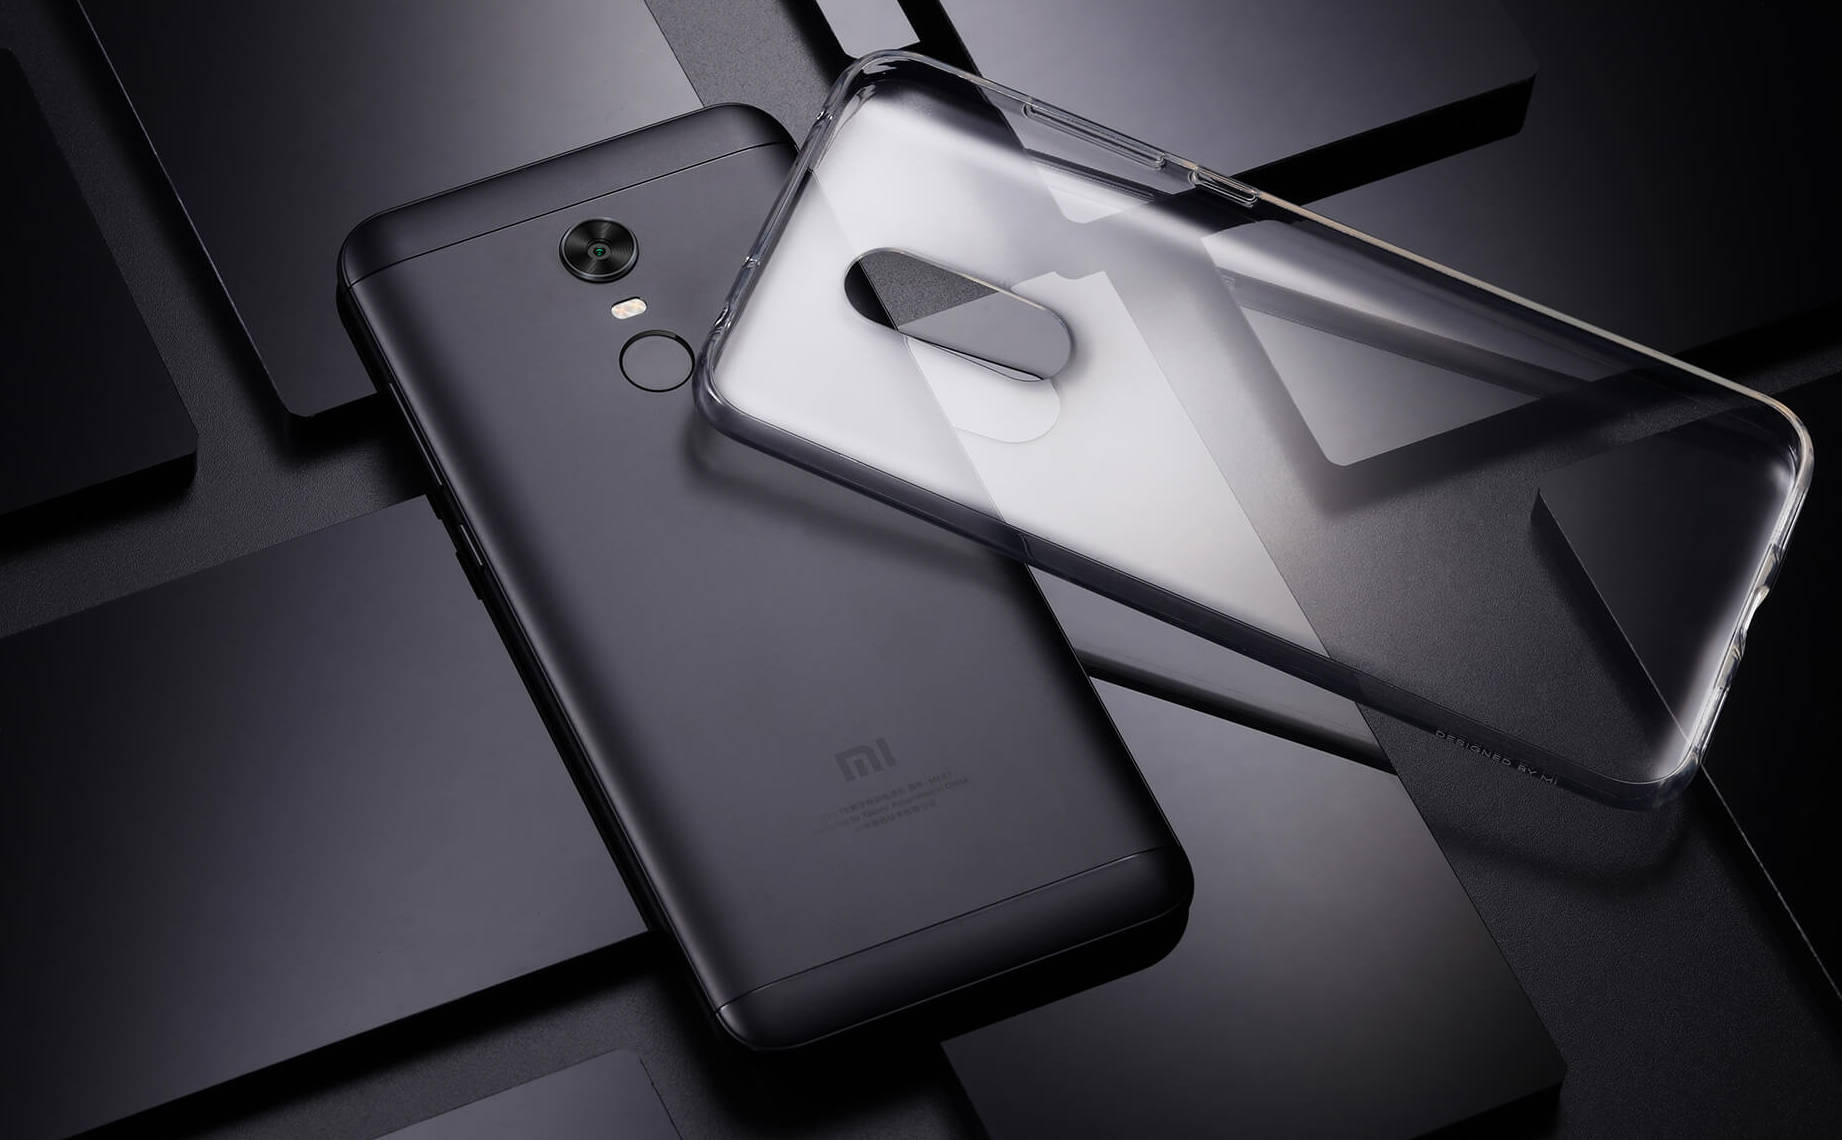 Mniejszy Xiaomi Redmi 5 ma 5 7 calowy ekran o rozdzielczości 1440 x 720 pikseli ośmiordzeniowy procesor Qual m Snapdragon 450 wsp³Å'pracujący z 2 lub 3